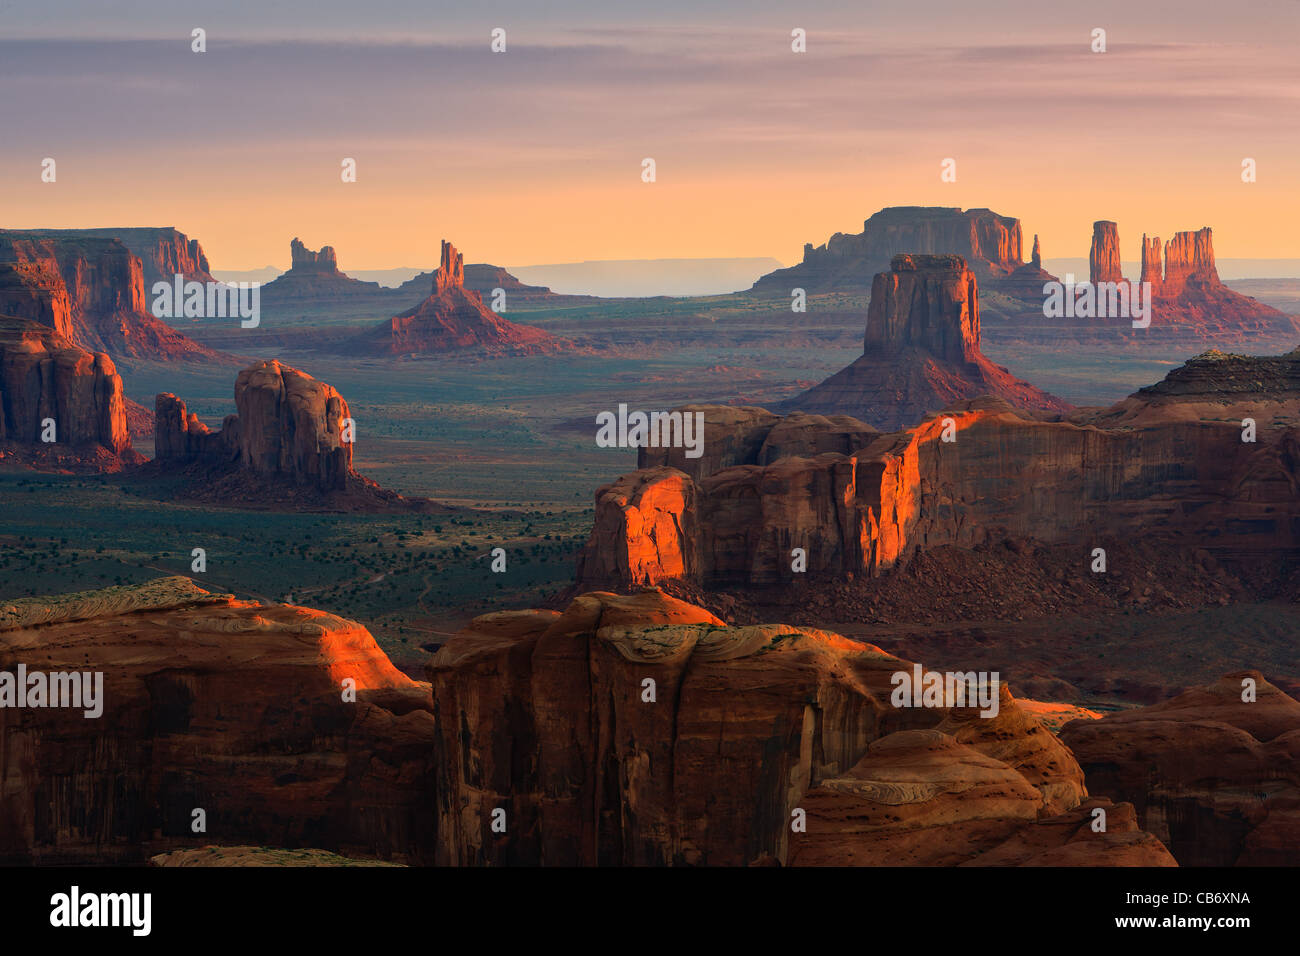 Alba con la vista da caccia di Mesa in Valle Monumento al confine dello Utah e Arizona, Stati Uniti d'America Immagini Stock